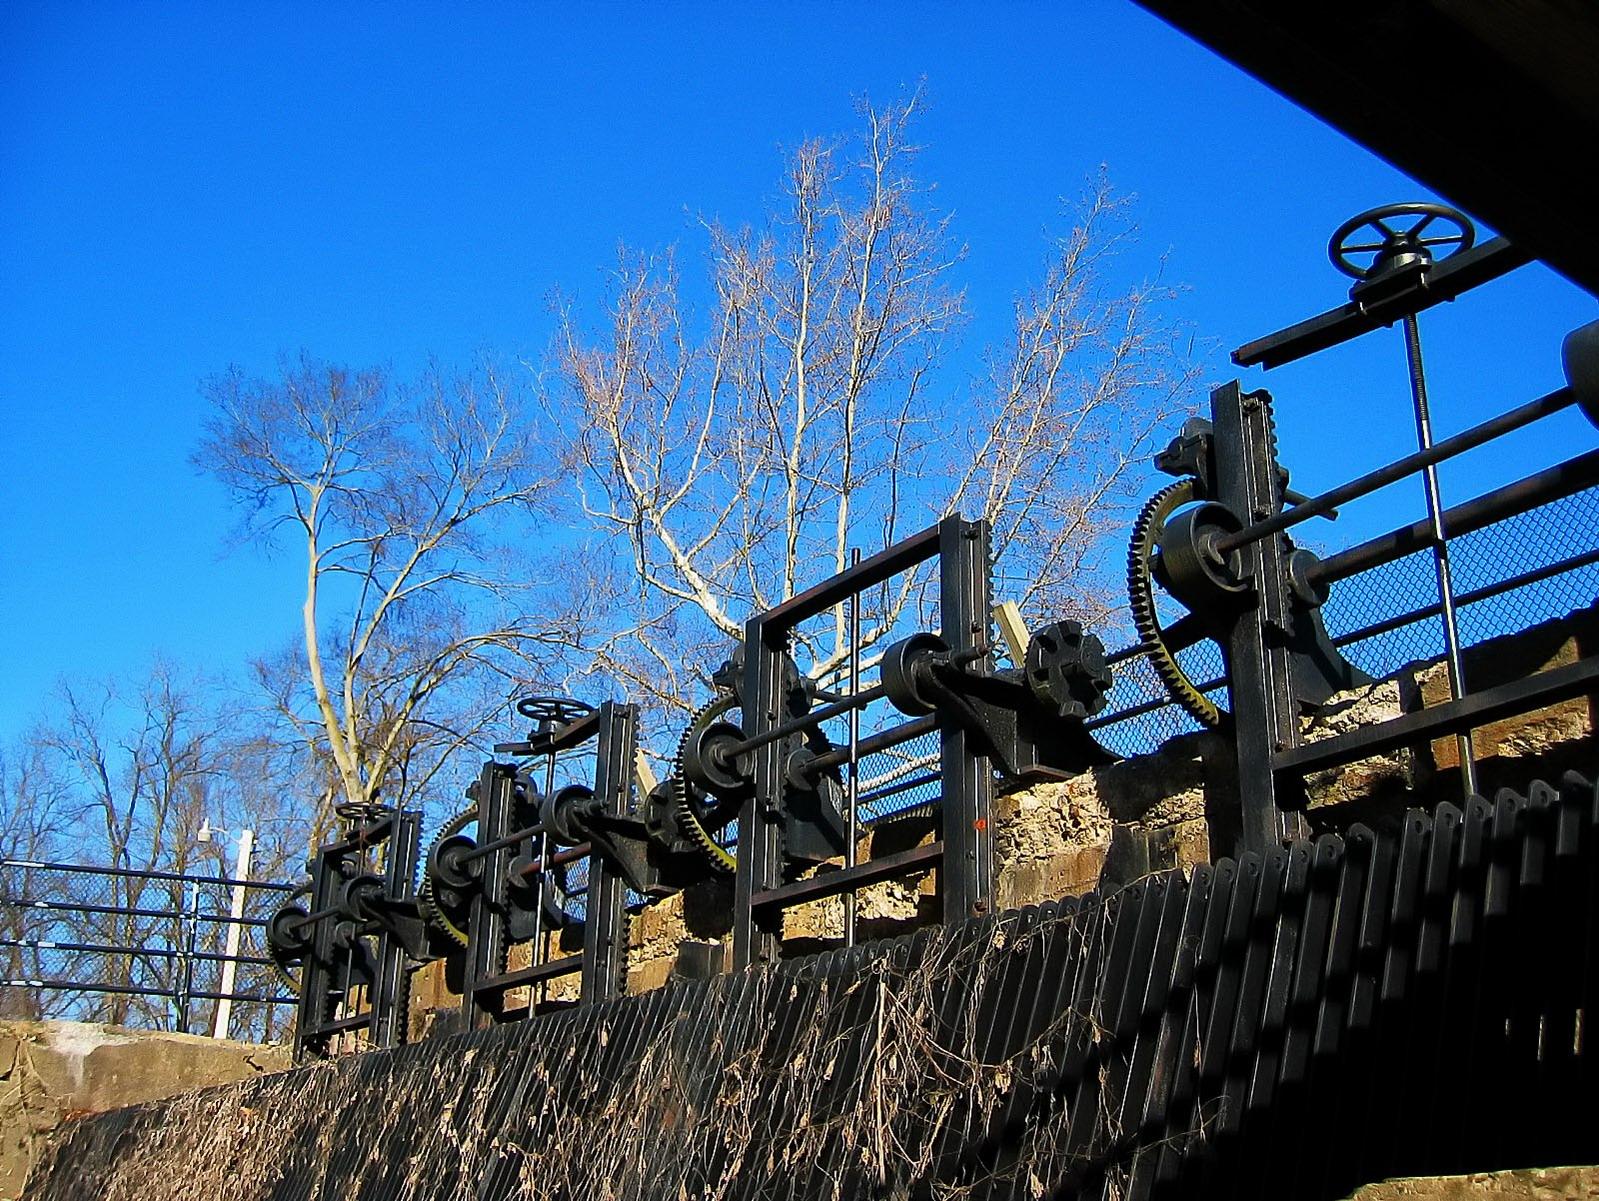 raubsville, pennsylvania, canal locks, , photo